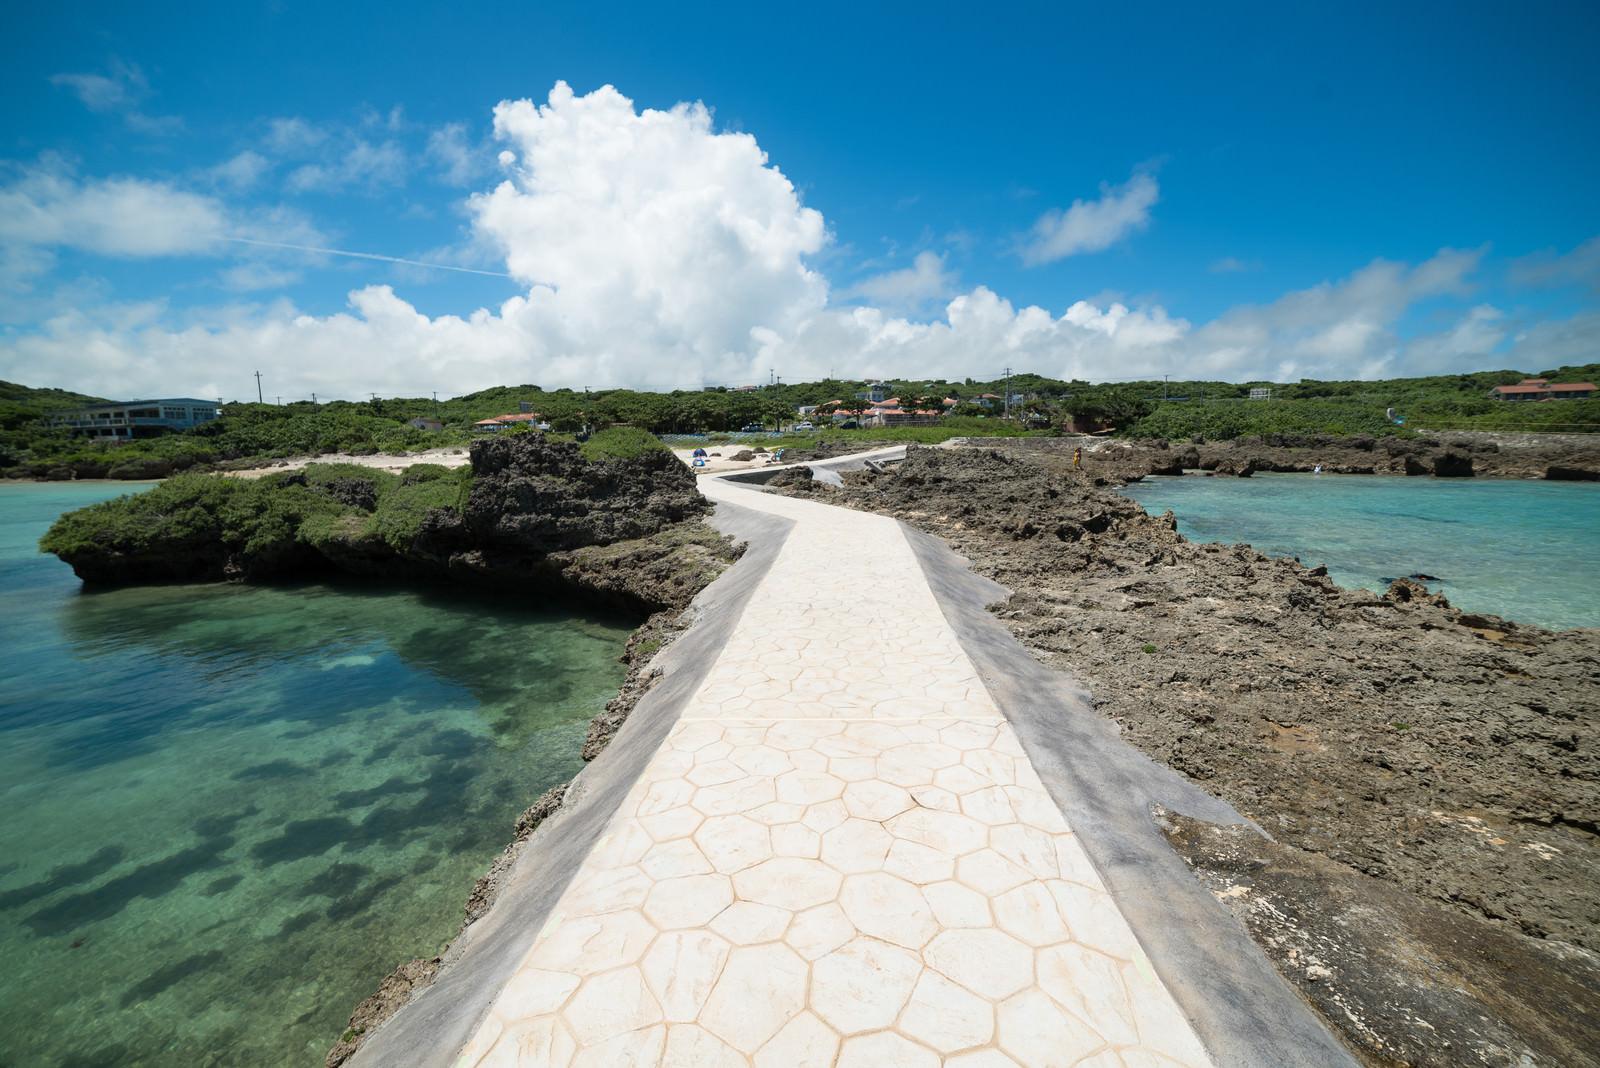 「島への一本道 | 写真の無料素材・フリー素材 - ぱくたそ」の写真